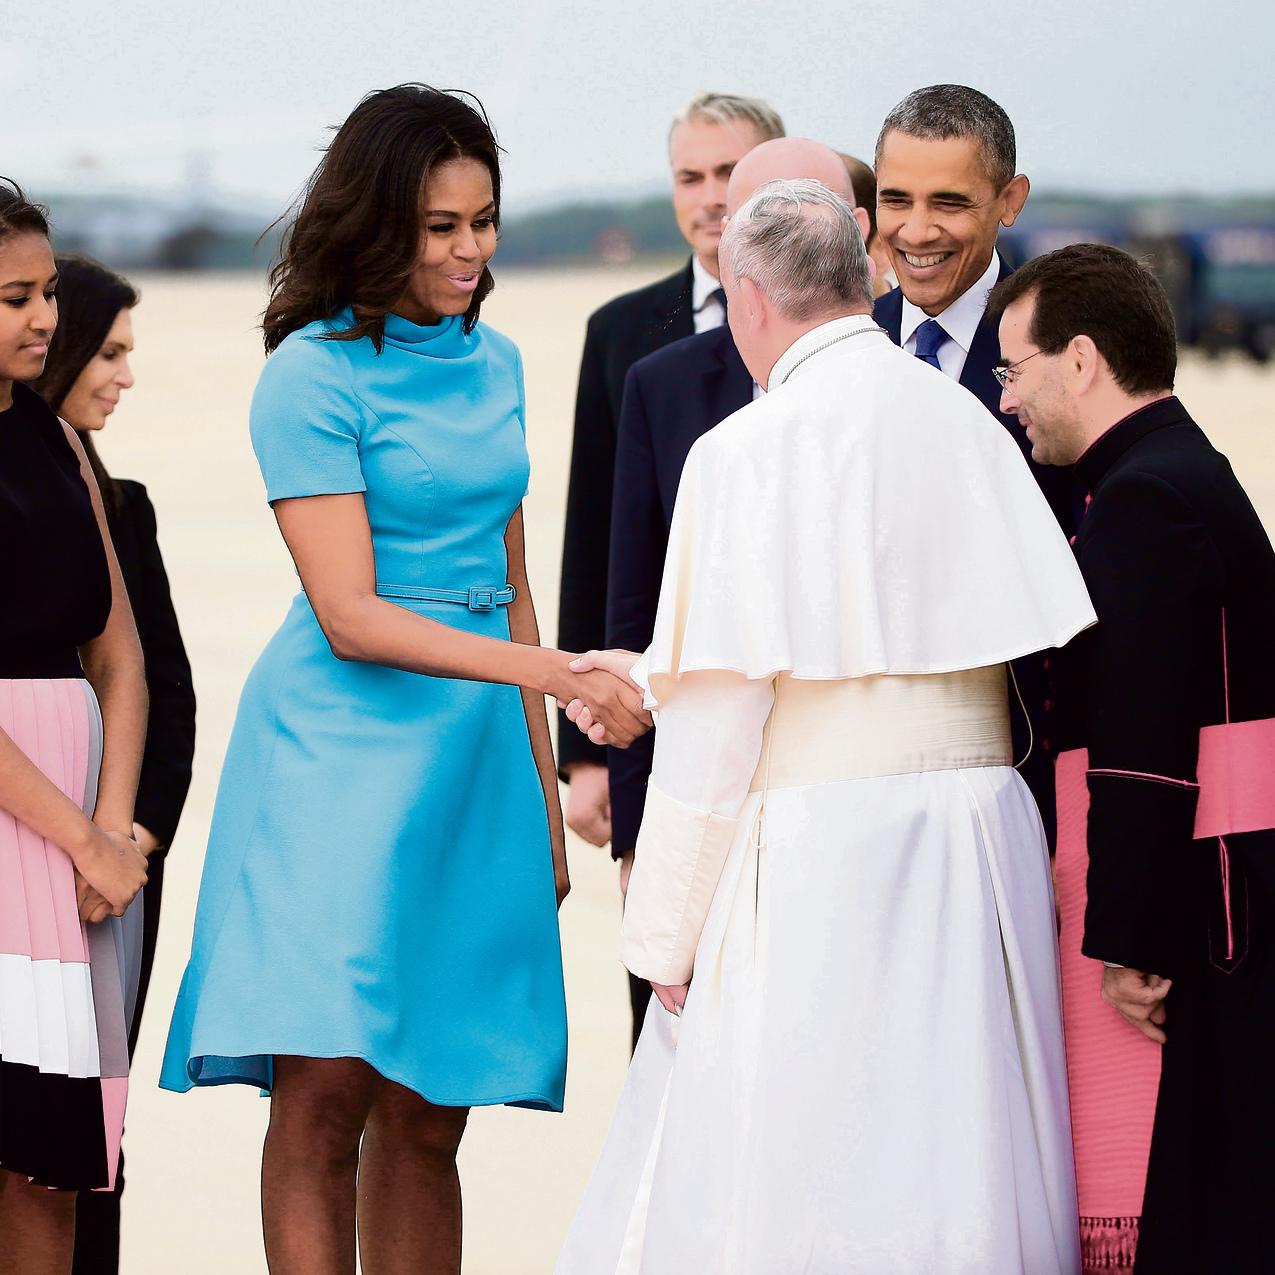 עם האפיפיור פרנציסקוס והבנות סשה (מימין) ומאליה. ויתרה על החליפות המחויטות והשמרניות, במראה הדודה